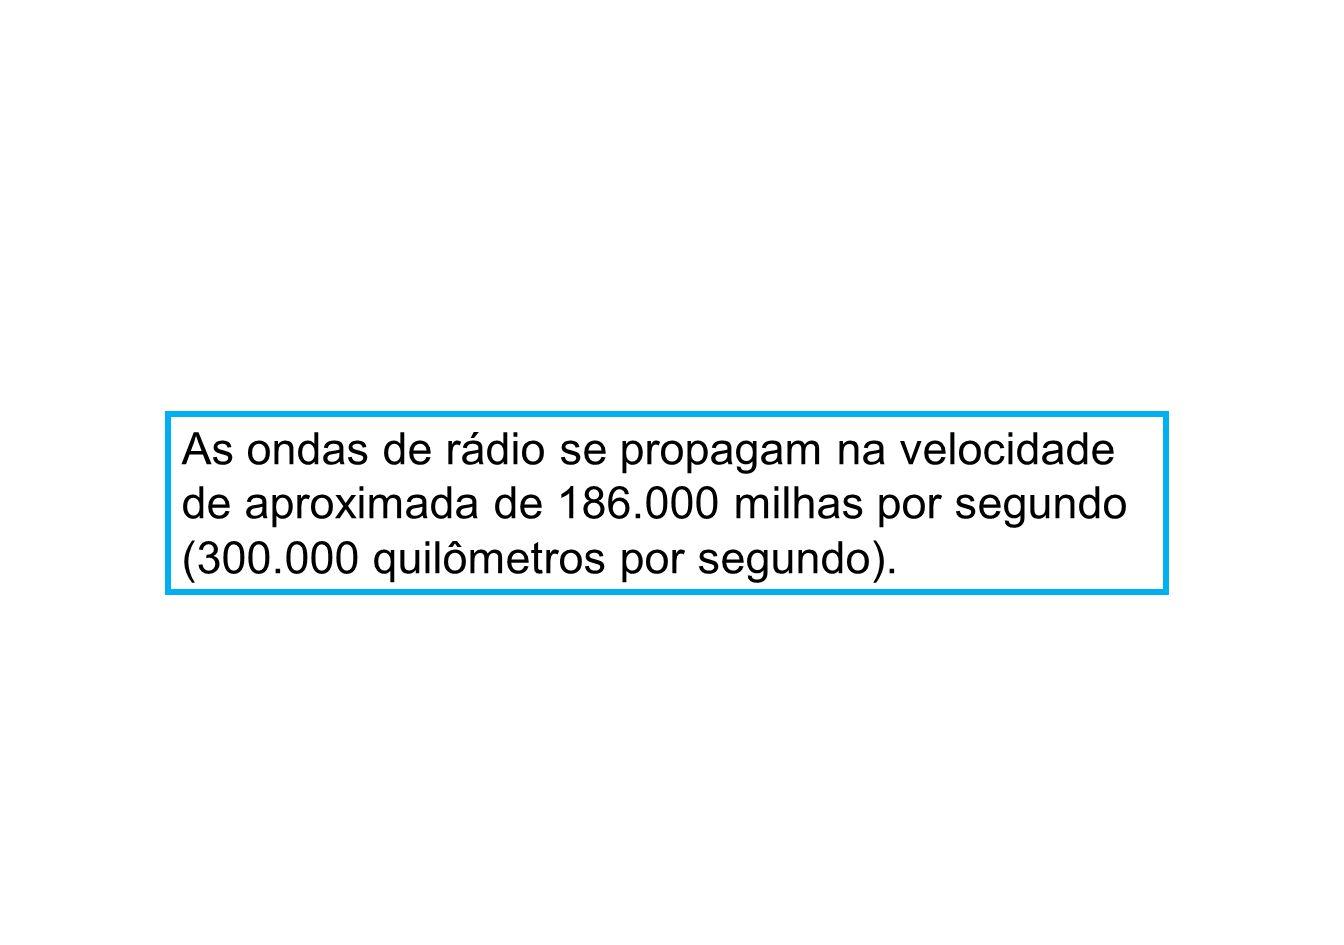 As ondas de rádio se propagam na velocidade